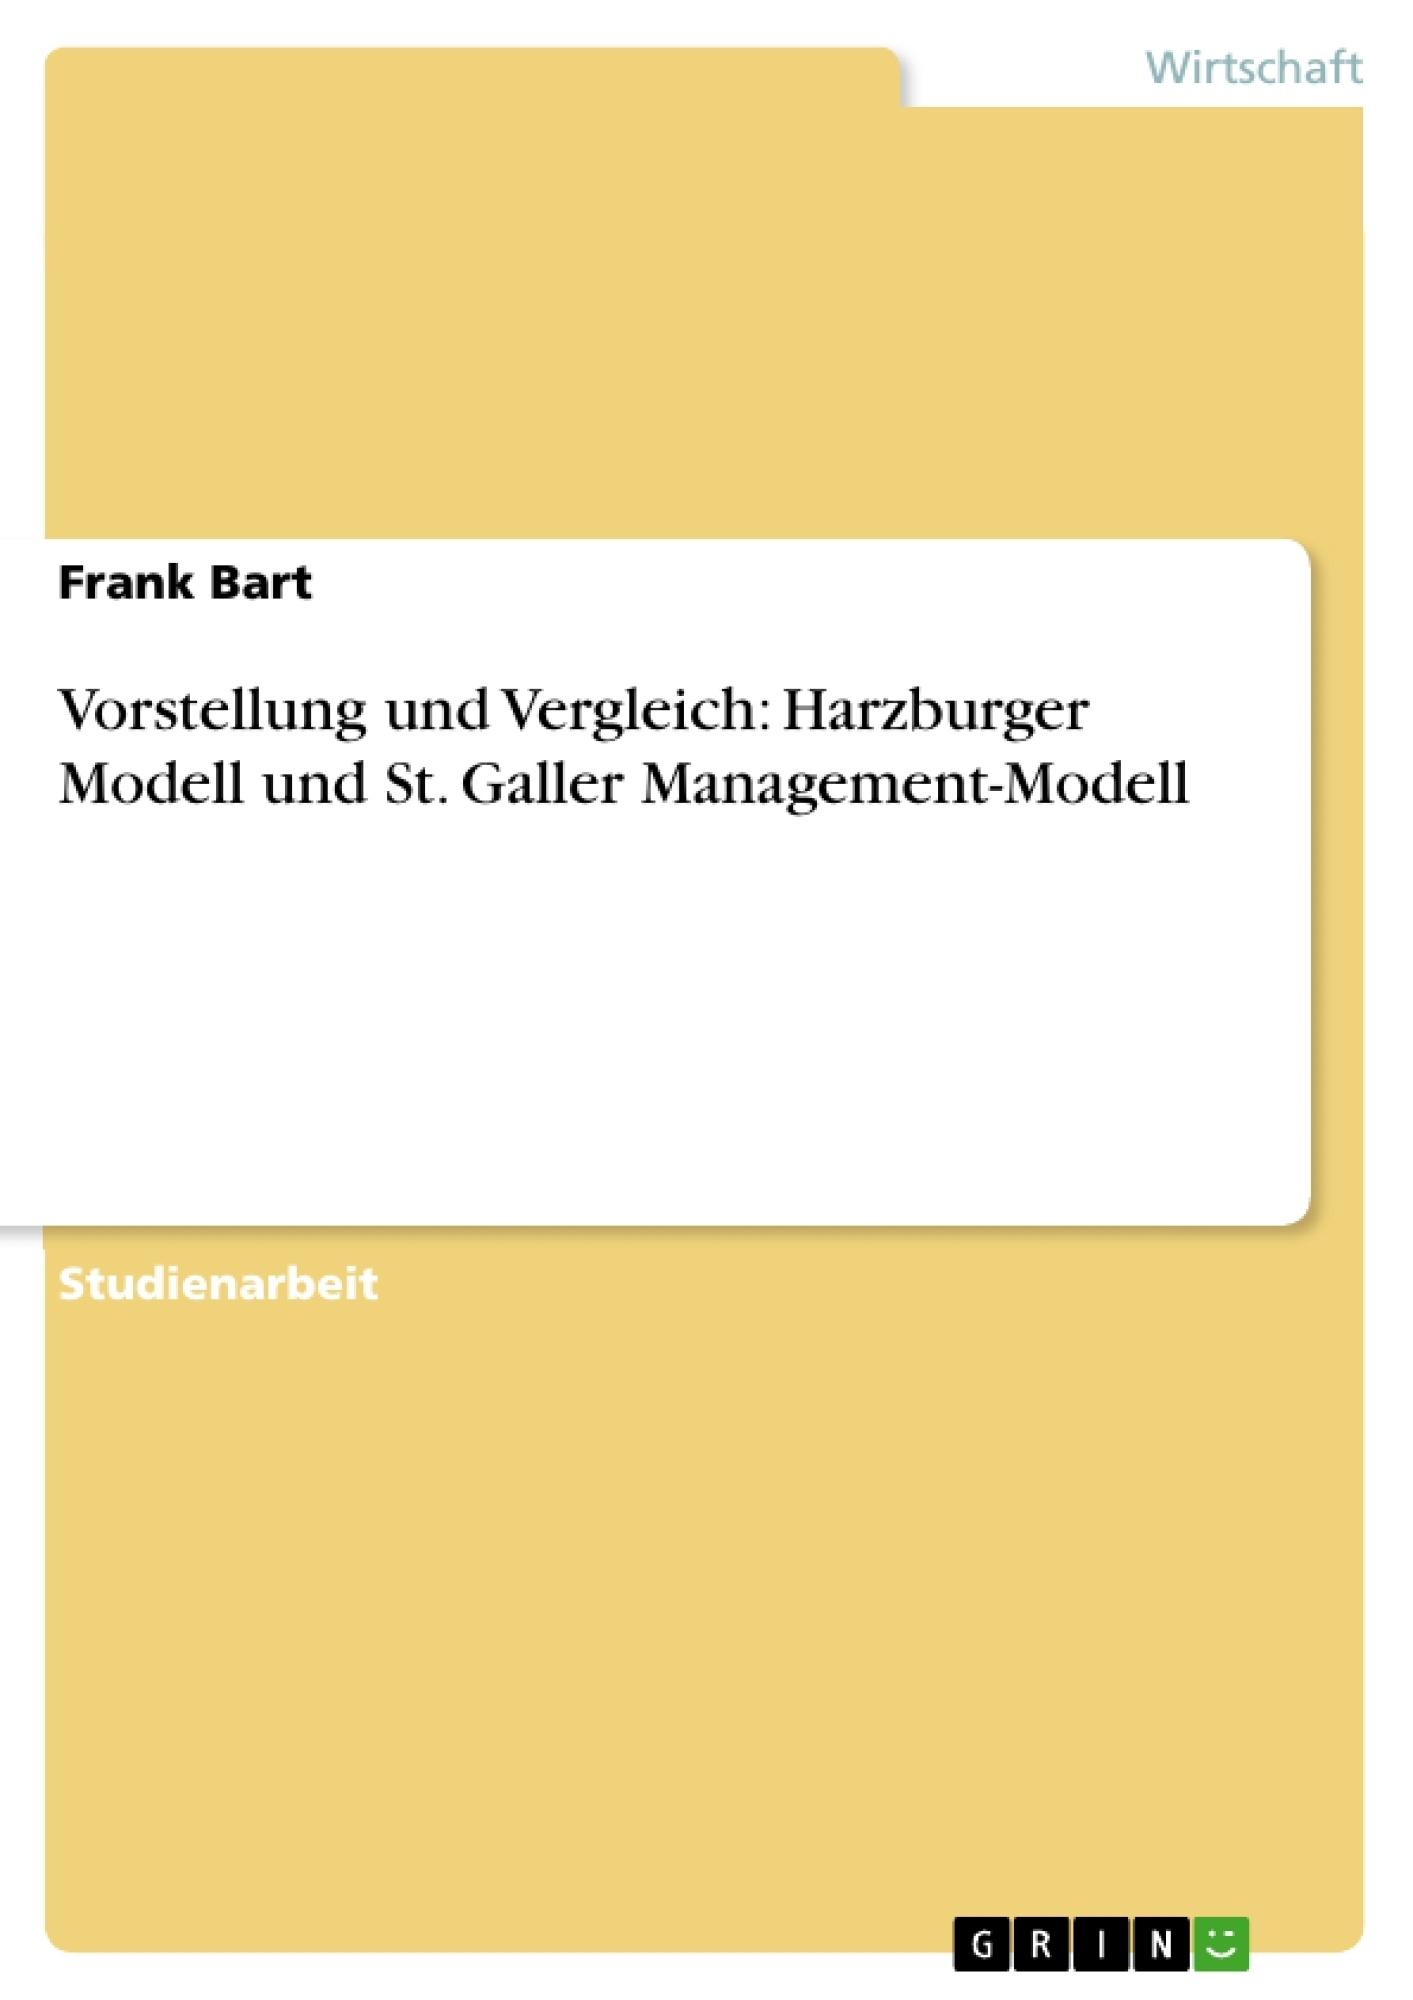 Titel: Vorstellung und Vergleich: Harzburger Modell und St. Galler Management-Modell